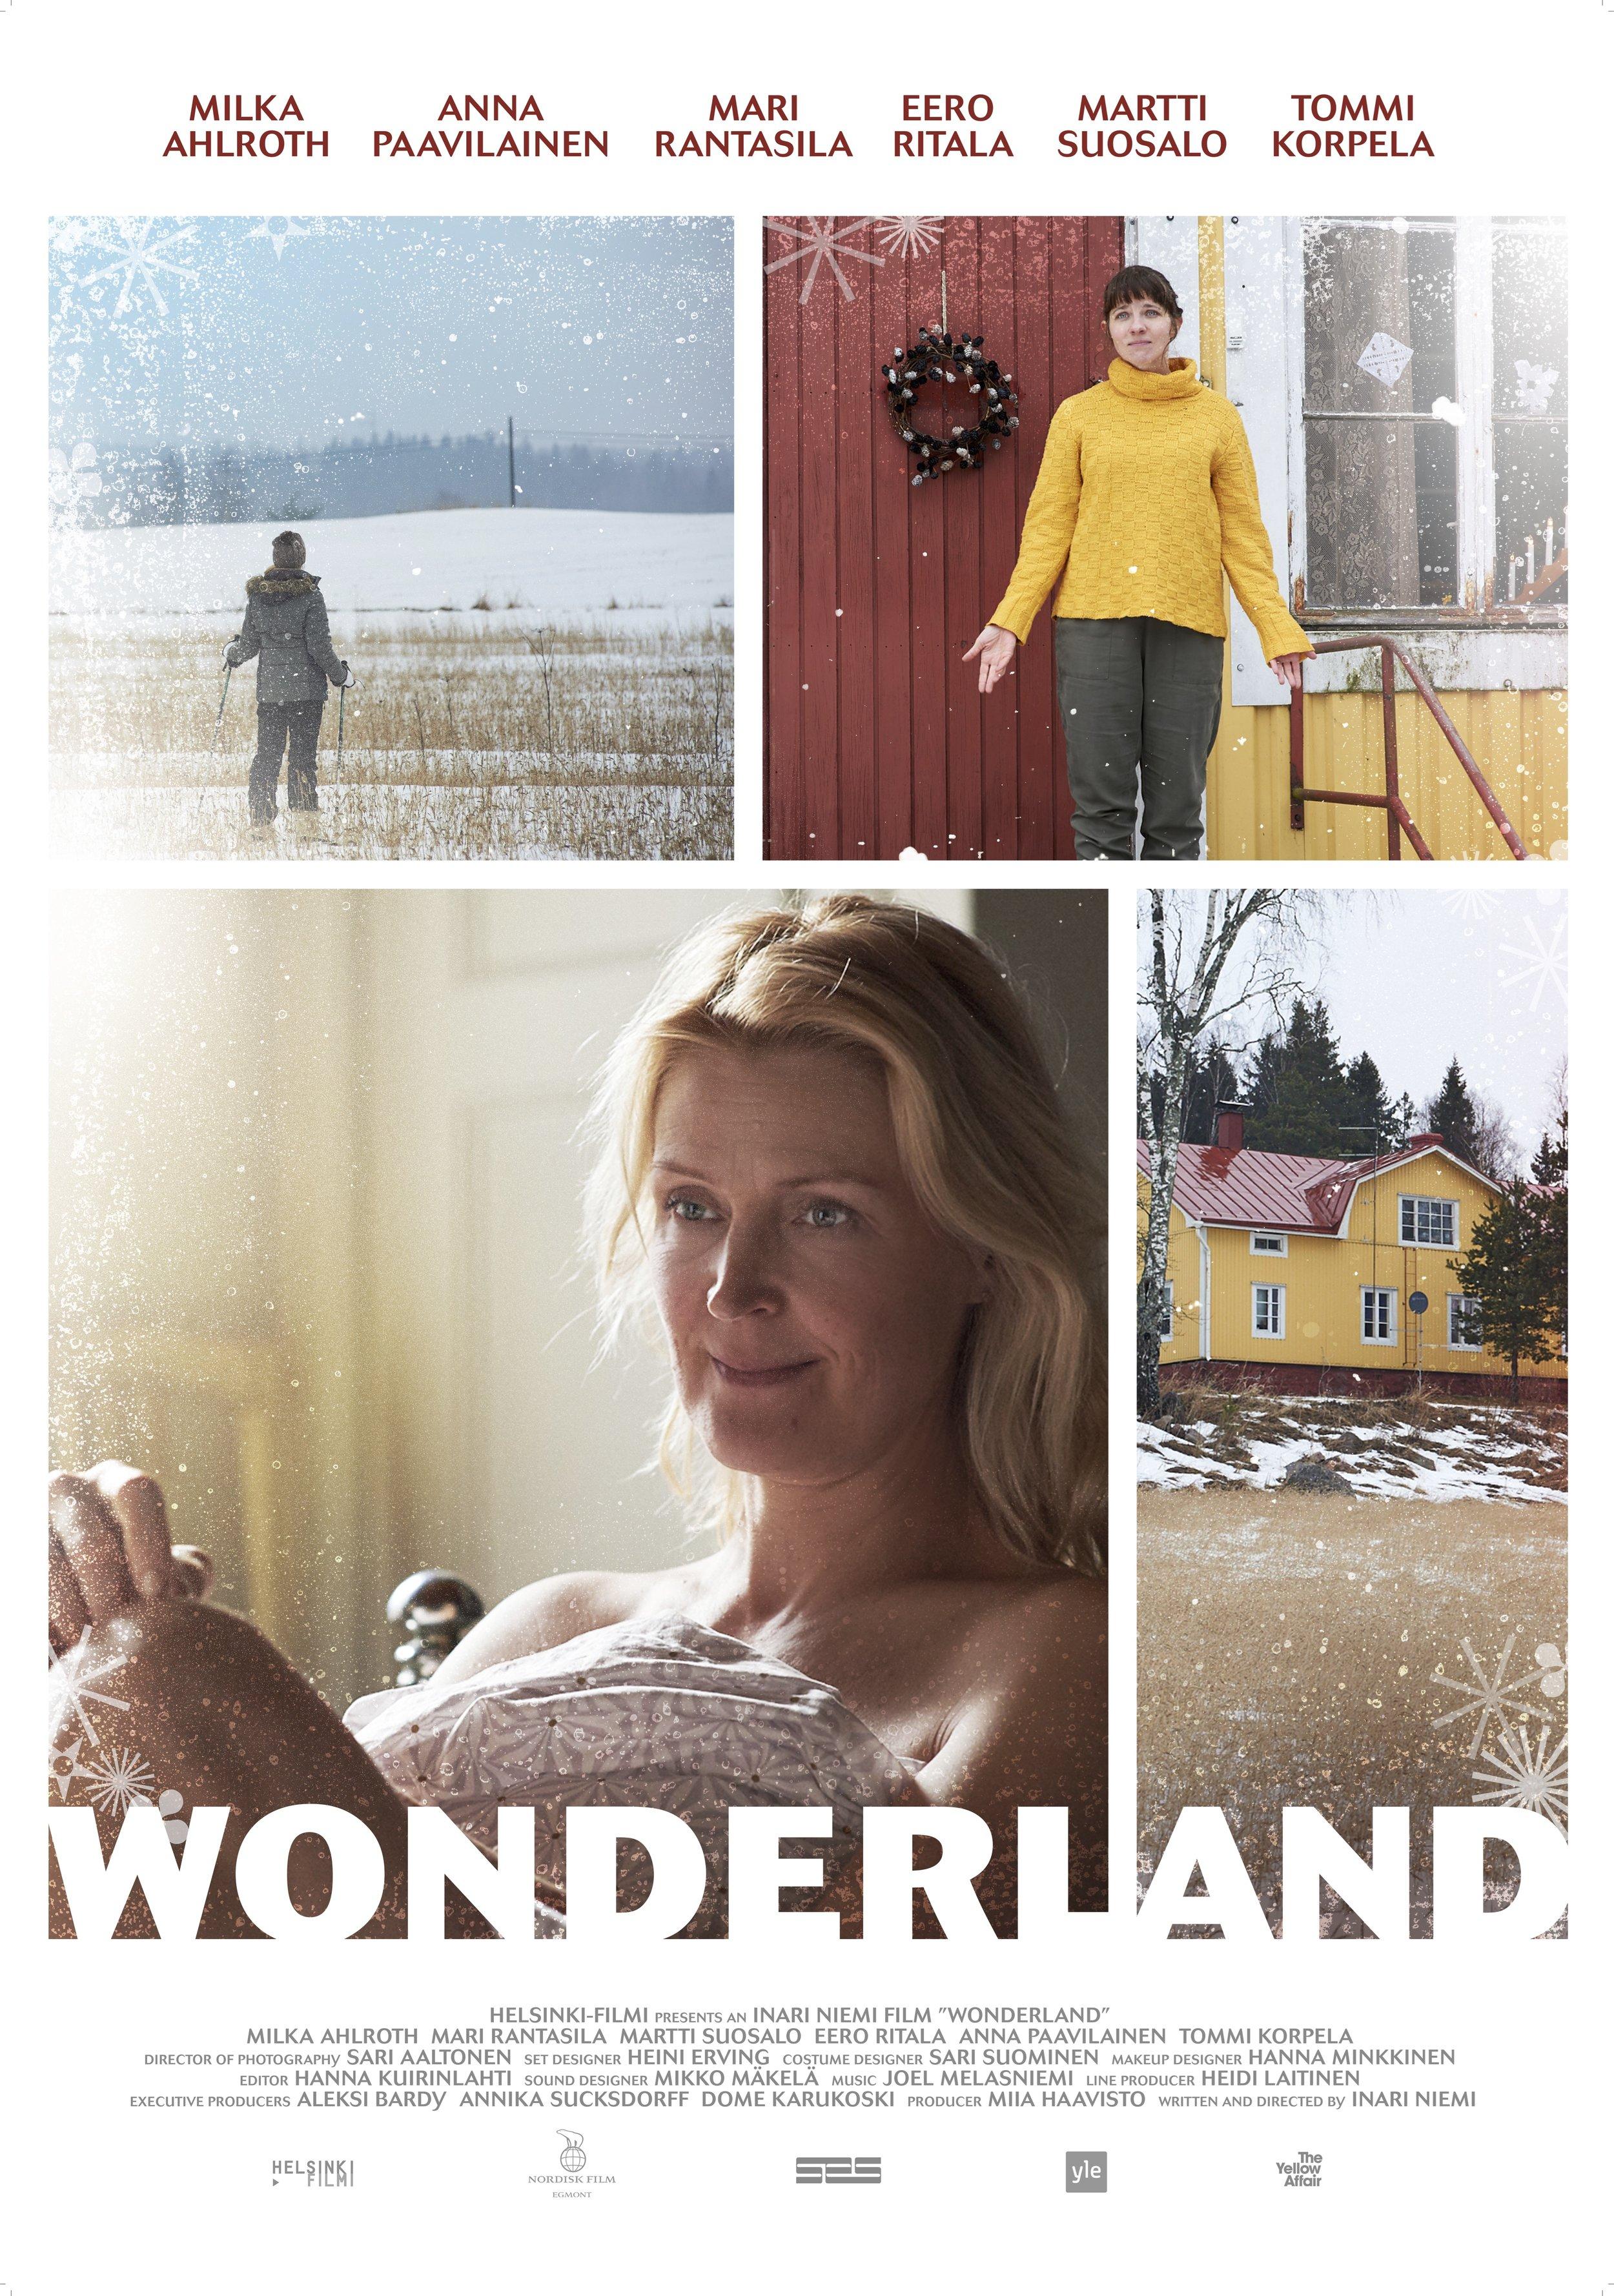 Wonderland_70x100_kjs06_fin2.jpg